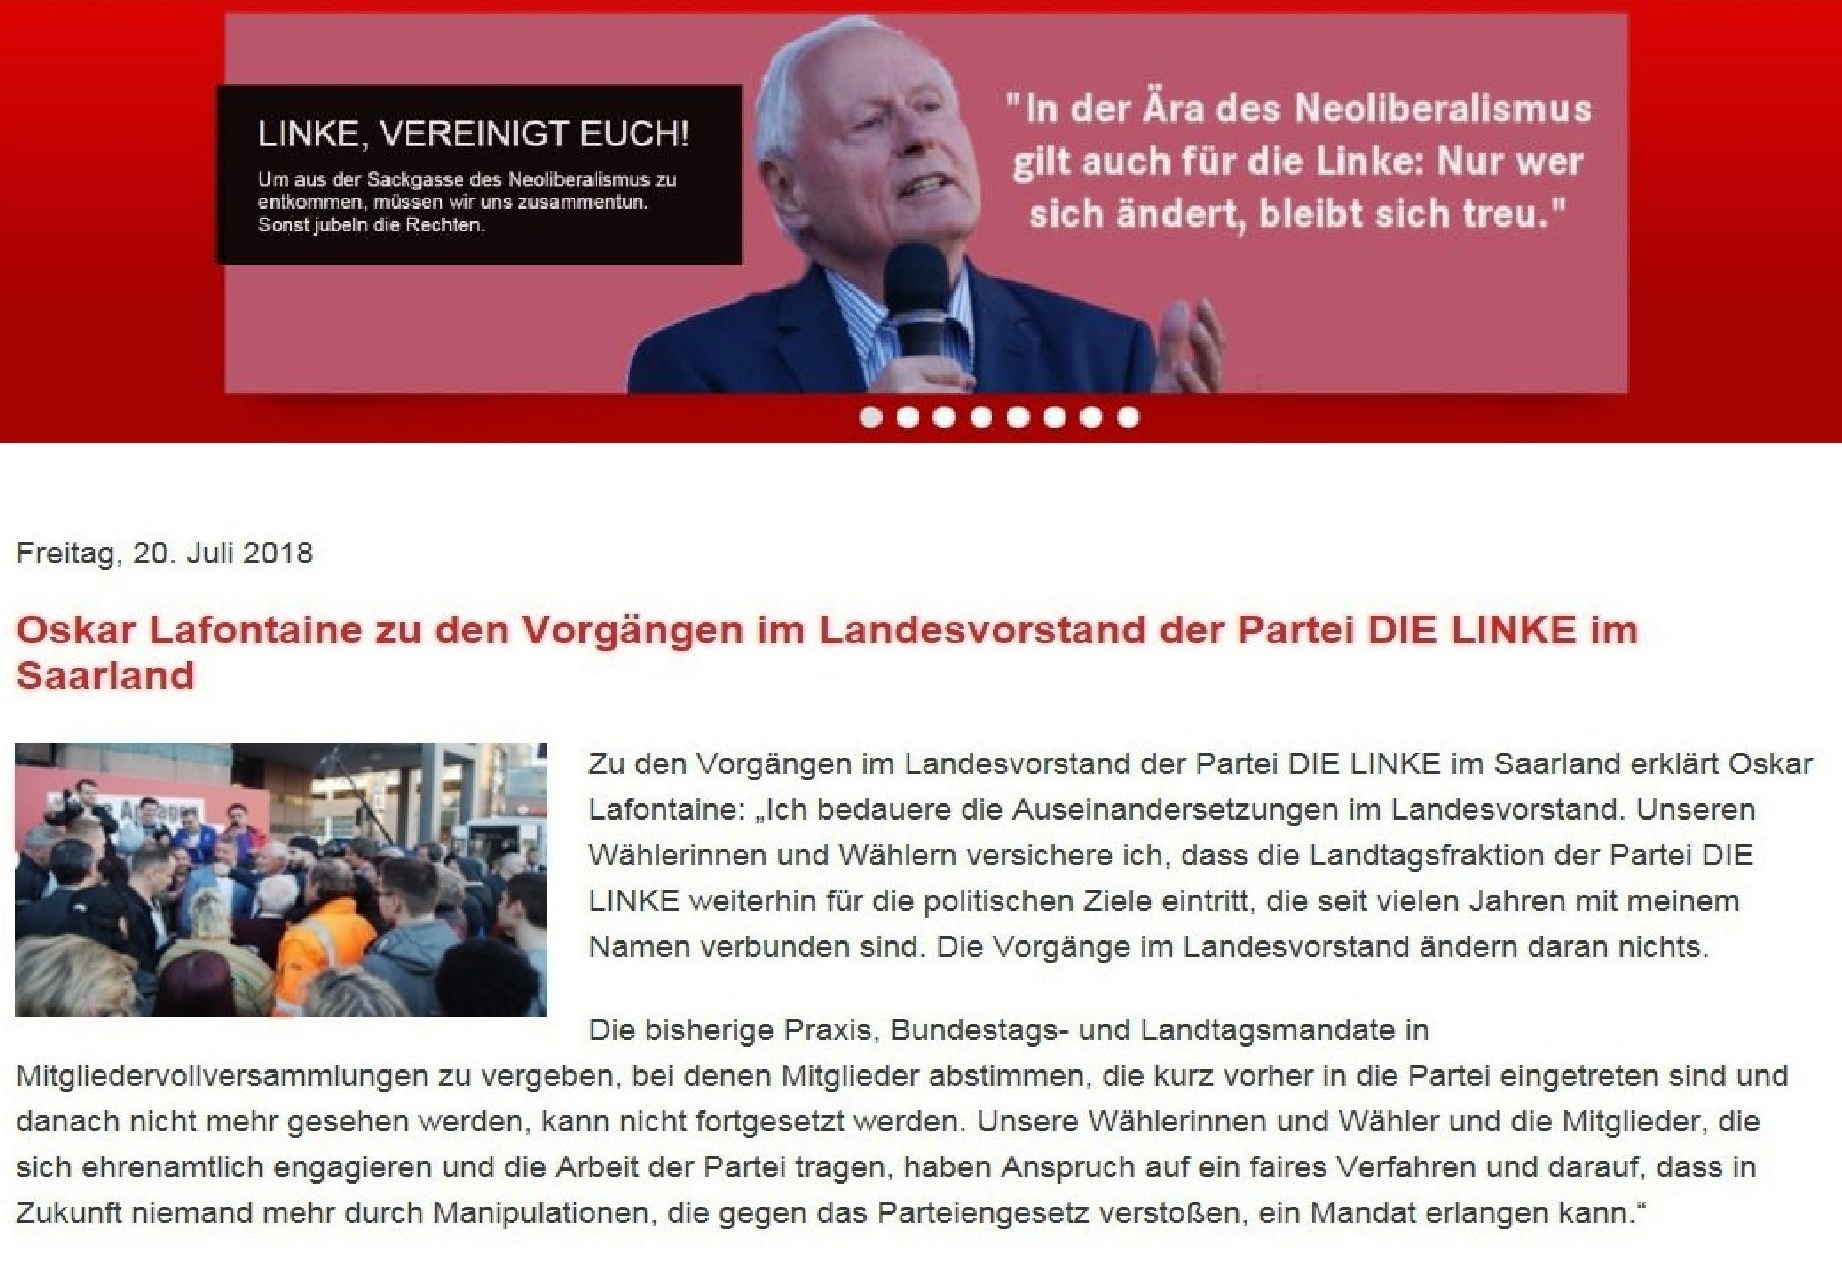 Oskar Lafontaine zu den Vorgängen im Landesvorstand der Partei DIE LINKE im Saarland